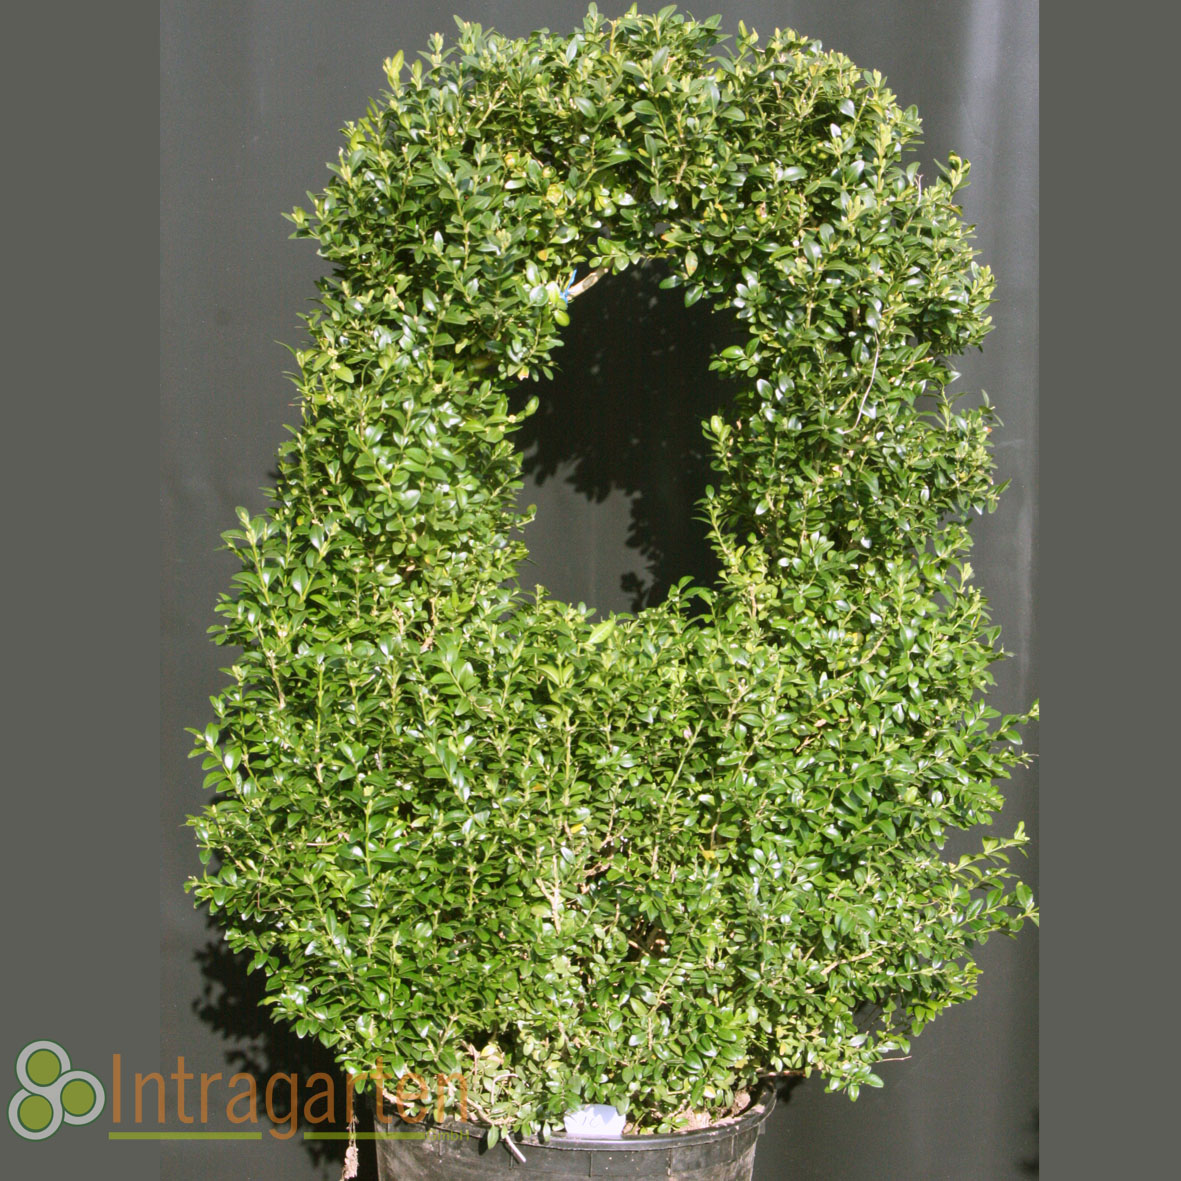 Formschnitt buchsbaum ponpon korb bonsai 95 cm 10 ebay - Buchsbaum formschnitt ...